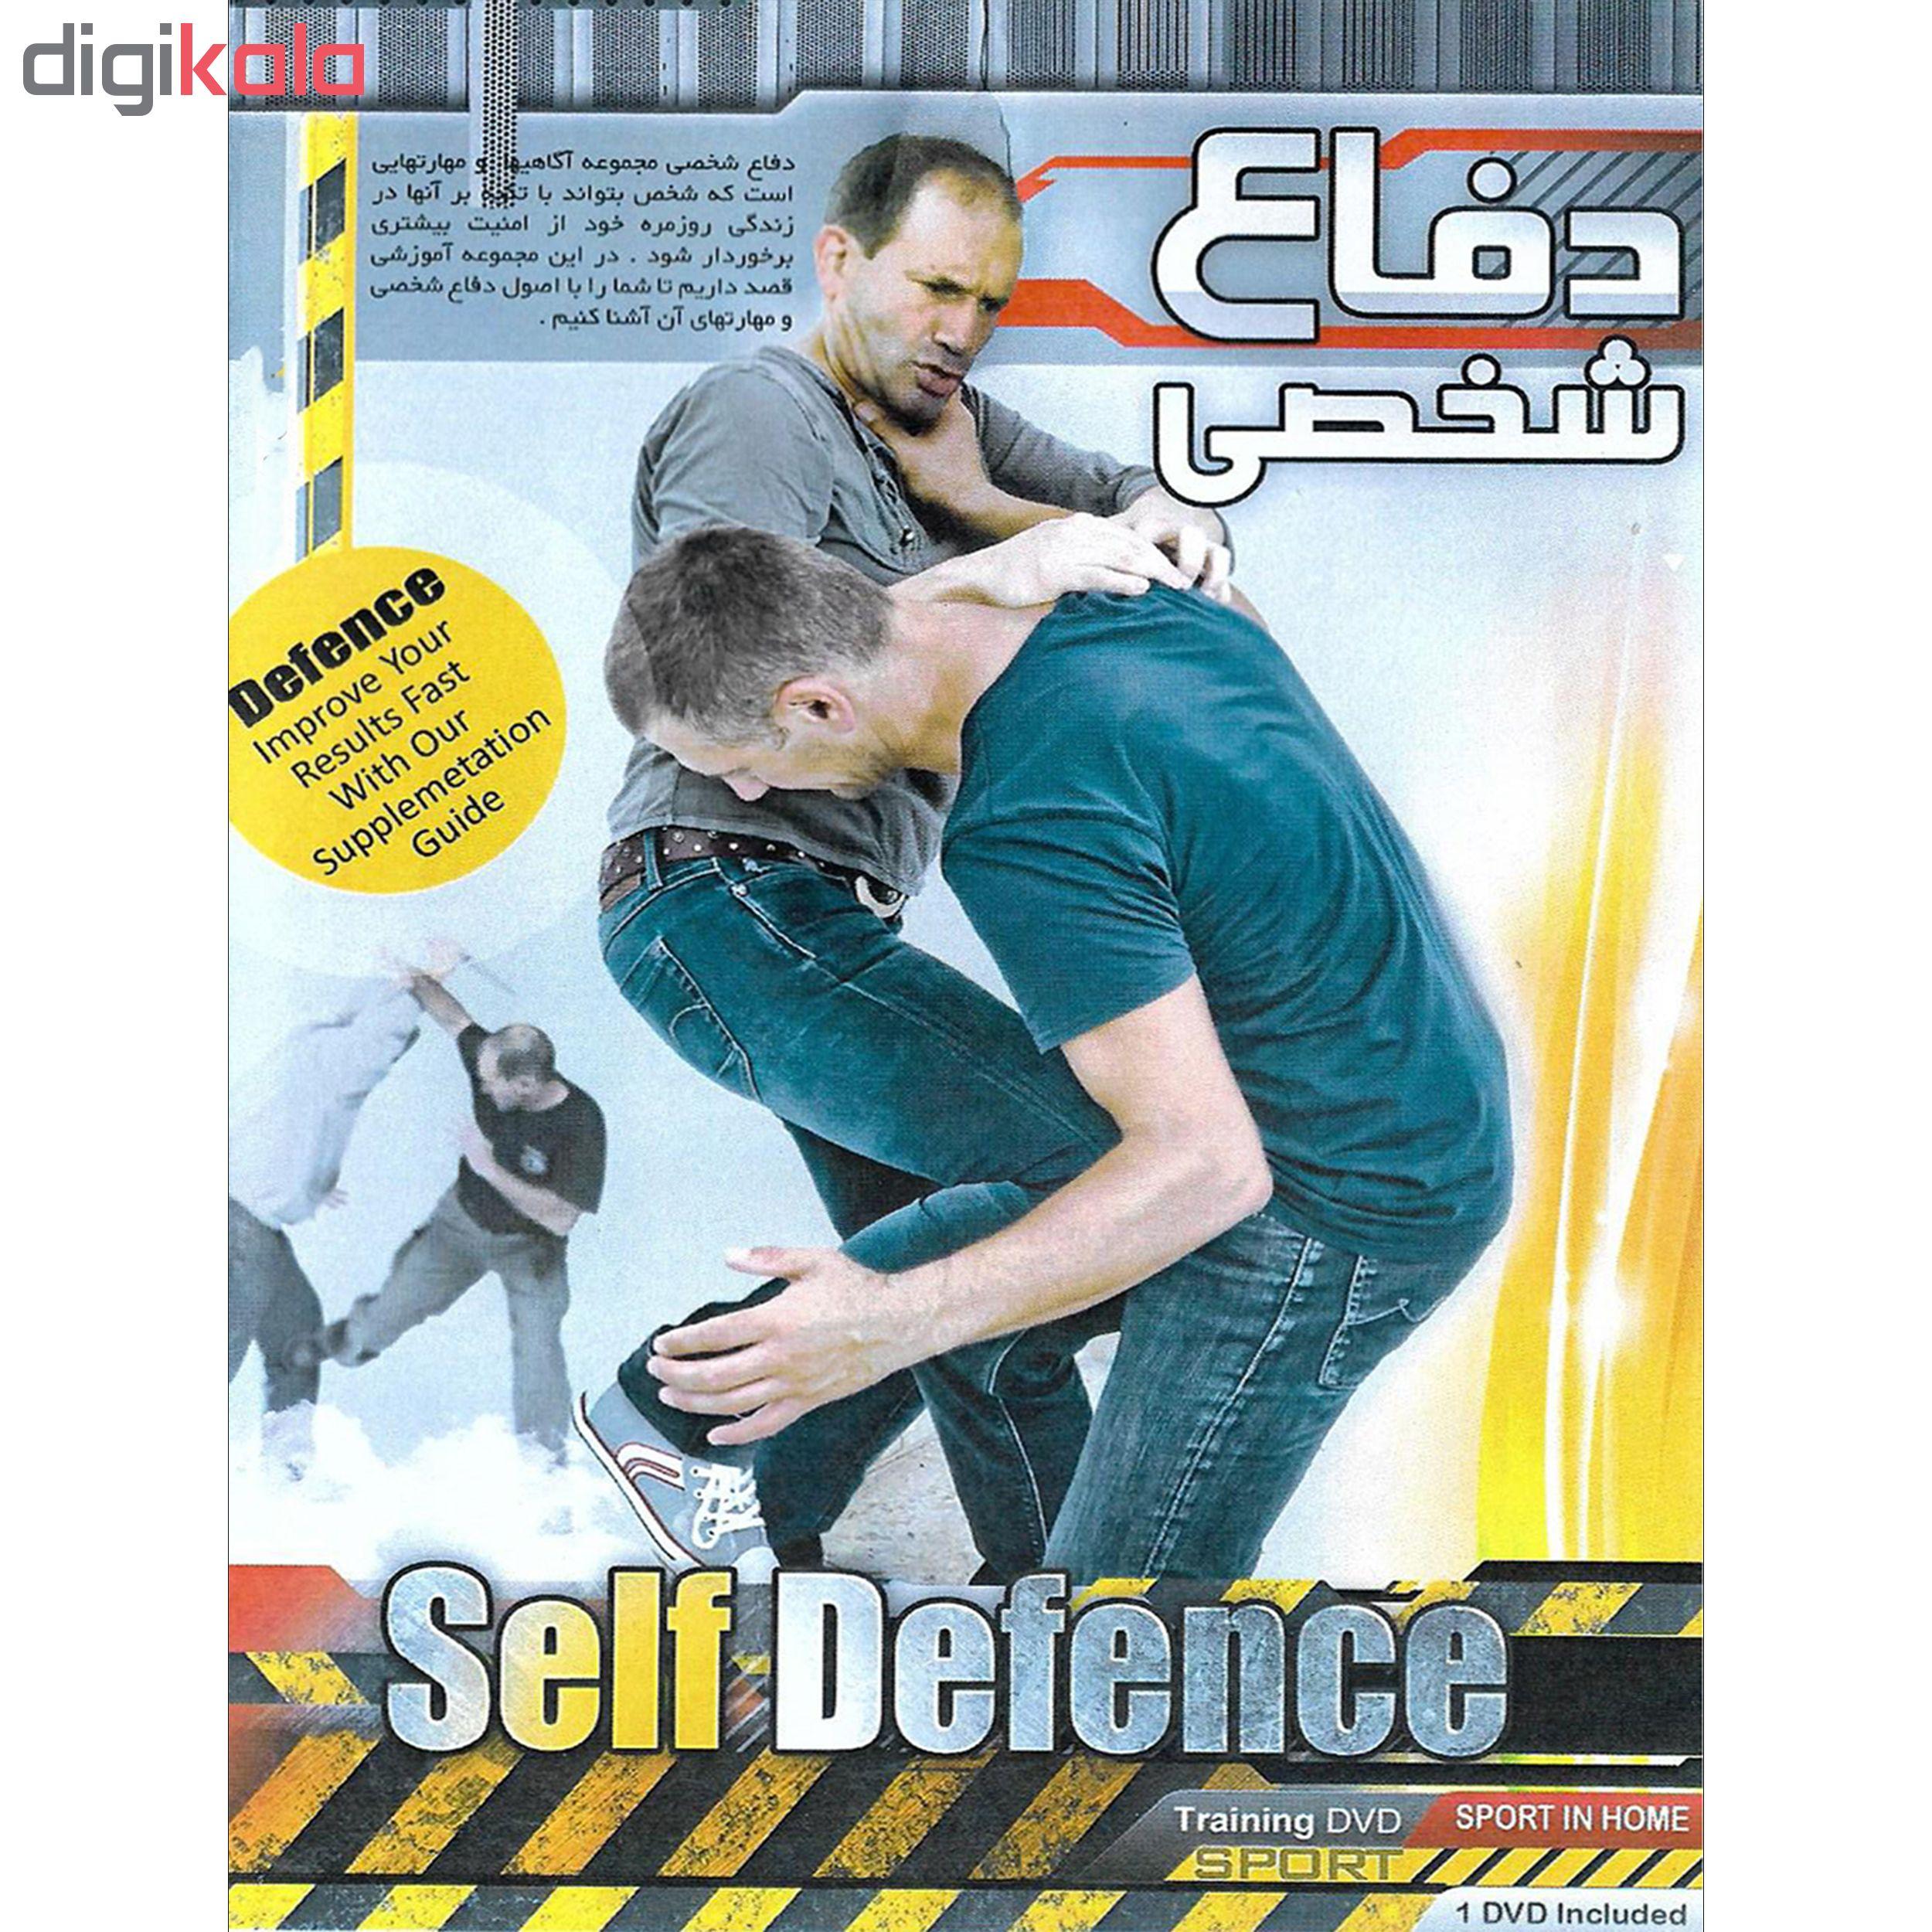 نرم افزار آموزش دفاع شخصی نشر الکترونیک پانا به همراه نرم افزار آموزش تناسب اندام نشر الکترونیک پانا